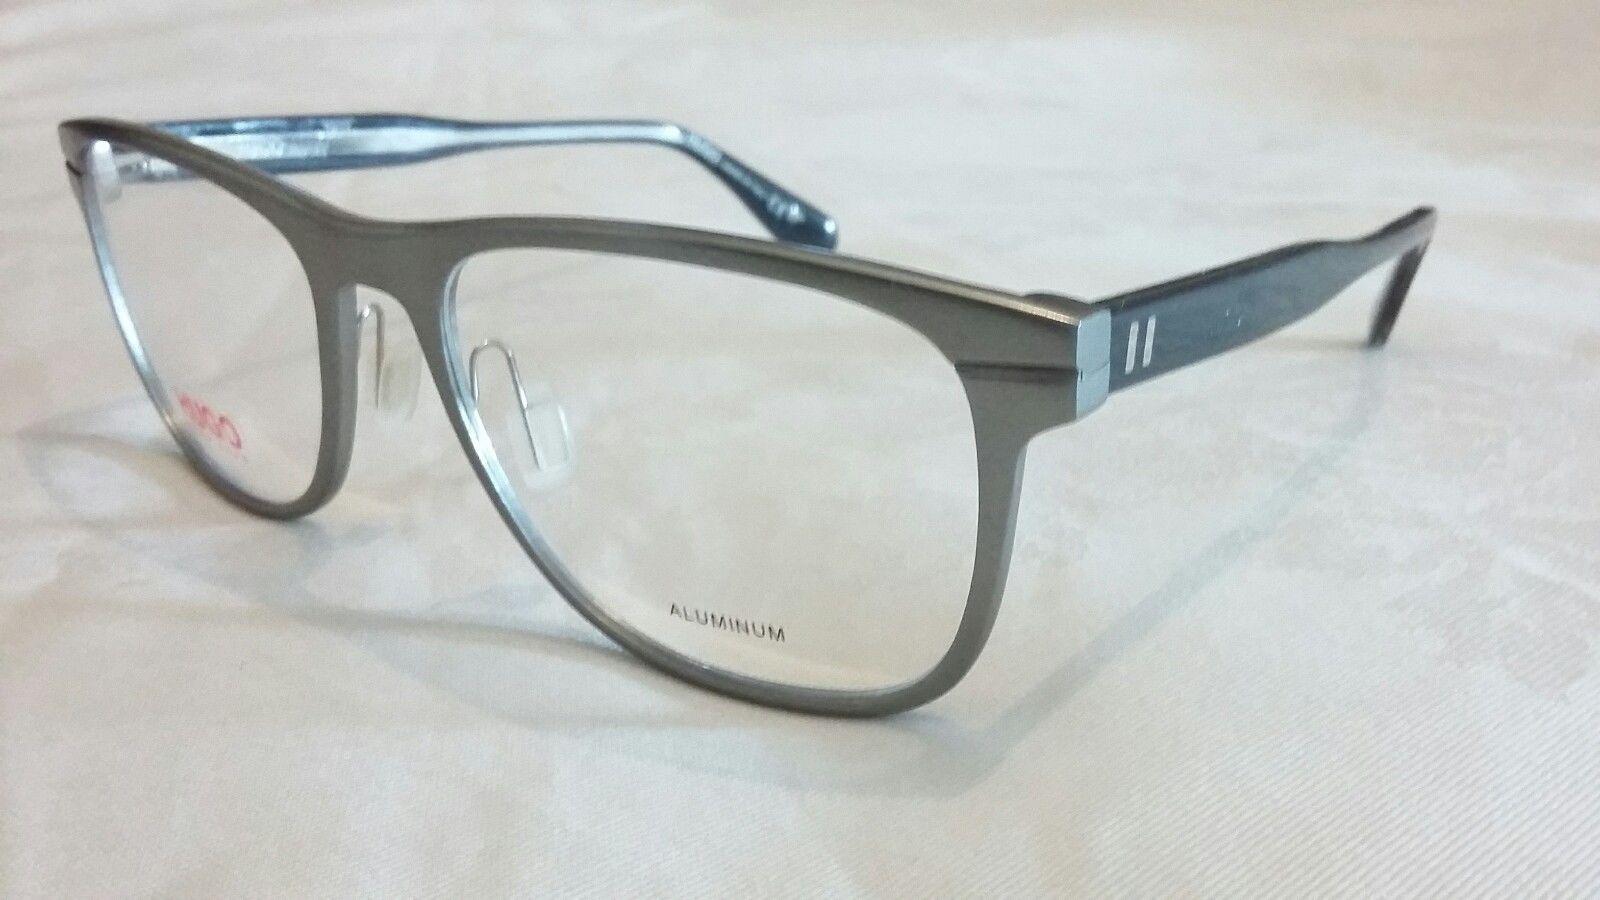 Hugo Boss 0124 Eyeglasses